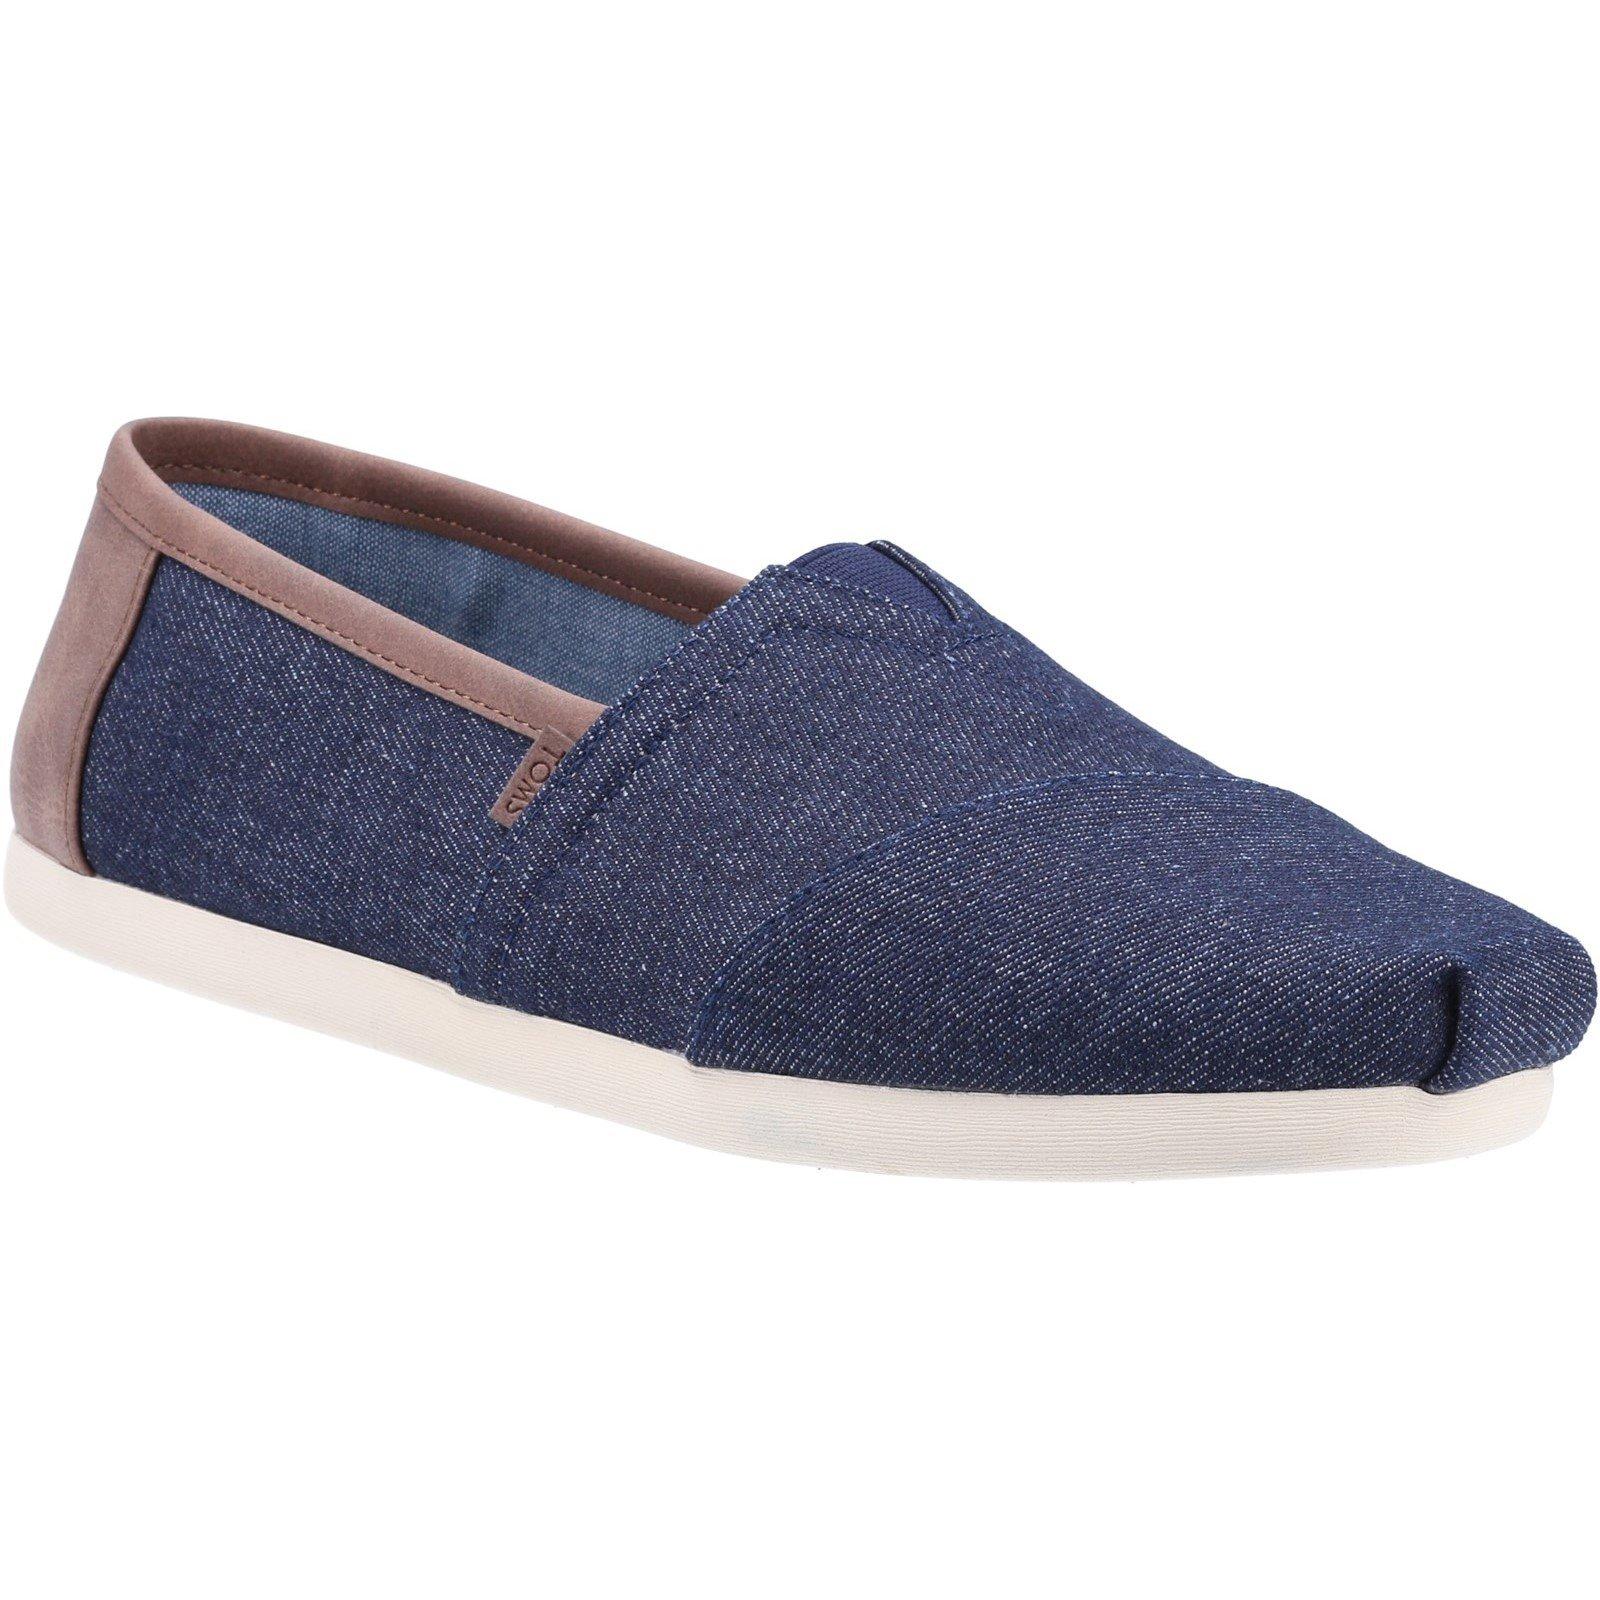 TOMS Men's Alpargata Dark Denim Trim Loafer Blue 32548 - Blue 12